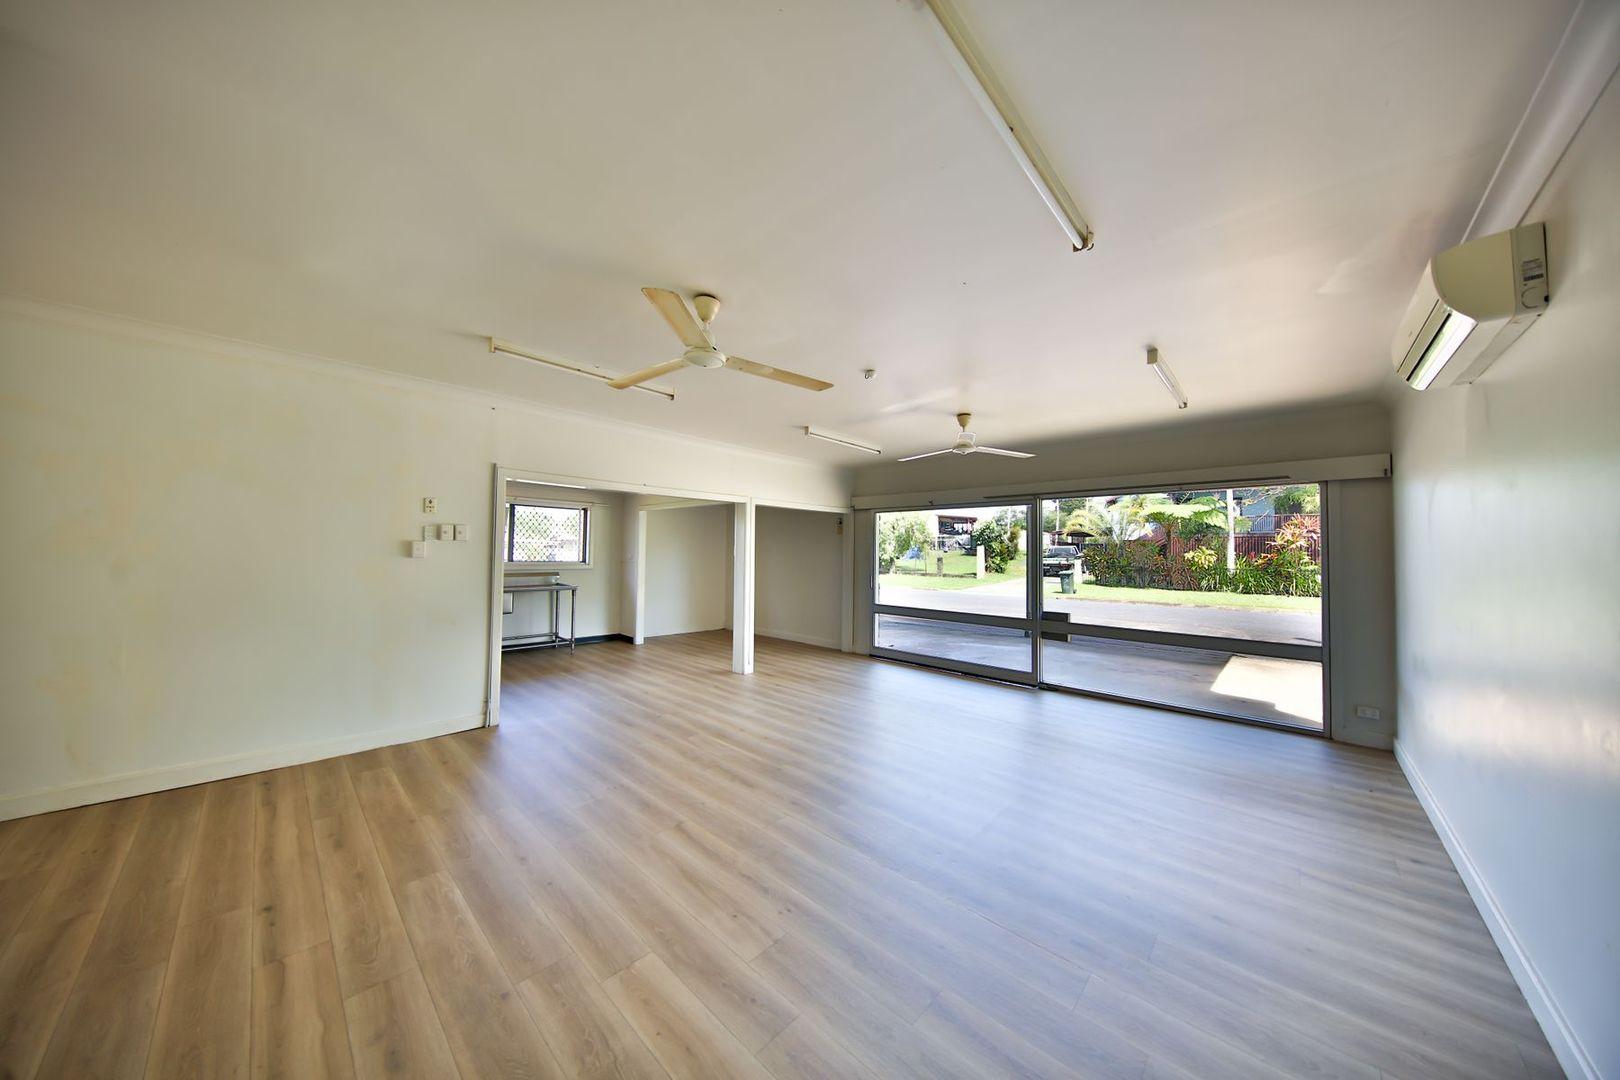 25 FITZGERALD Street, Innisfail QLD 4860, Image 2